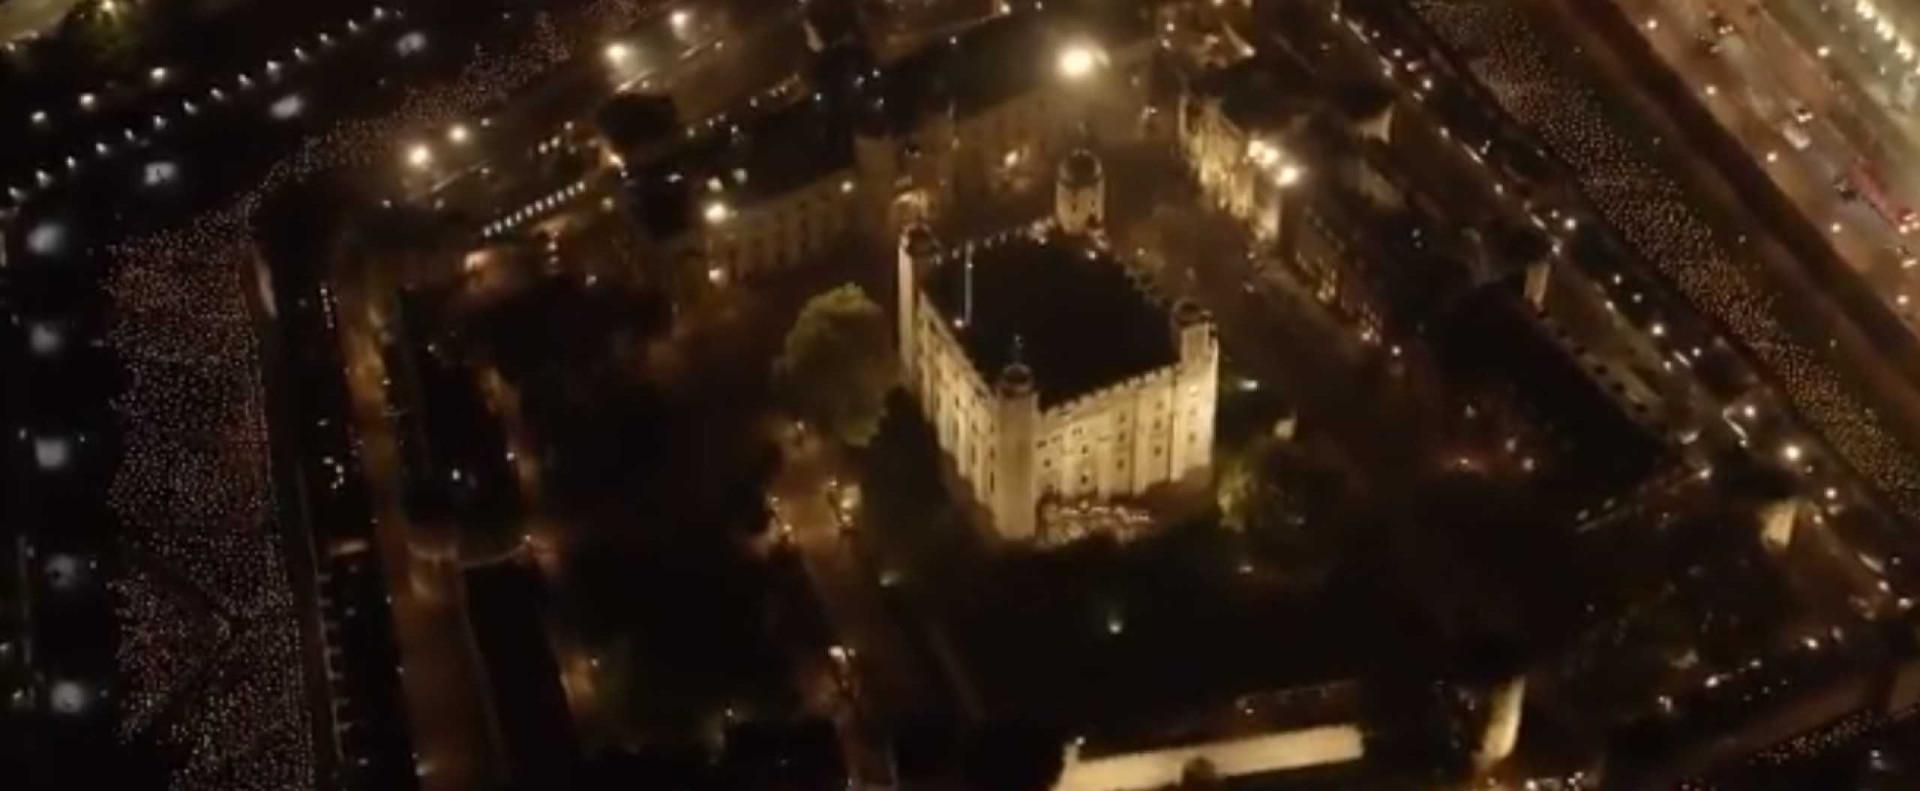 Torre de Londres iluminada com 10 mil velas em tributo ao armistício